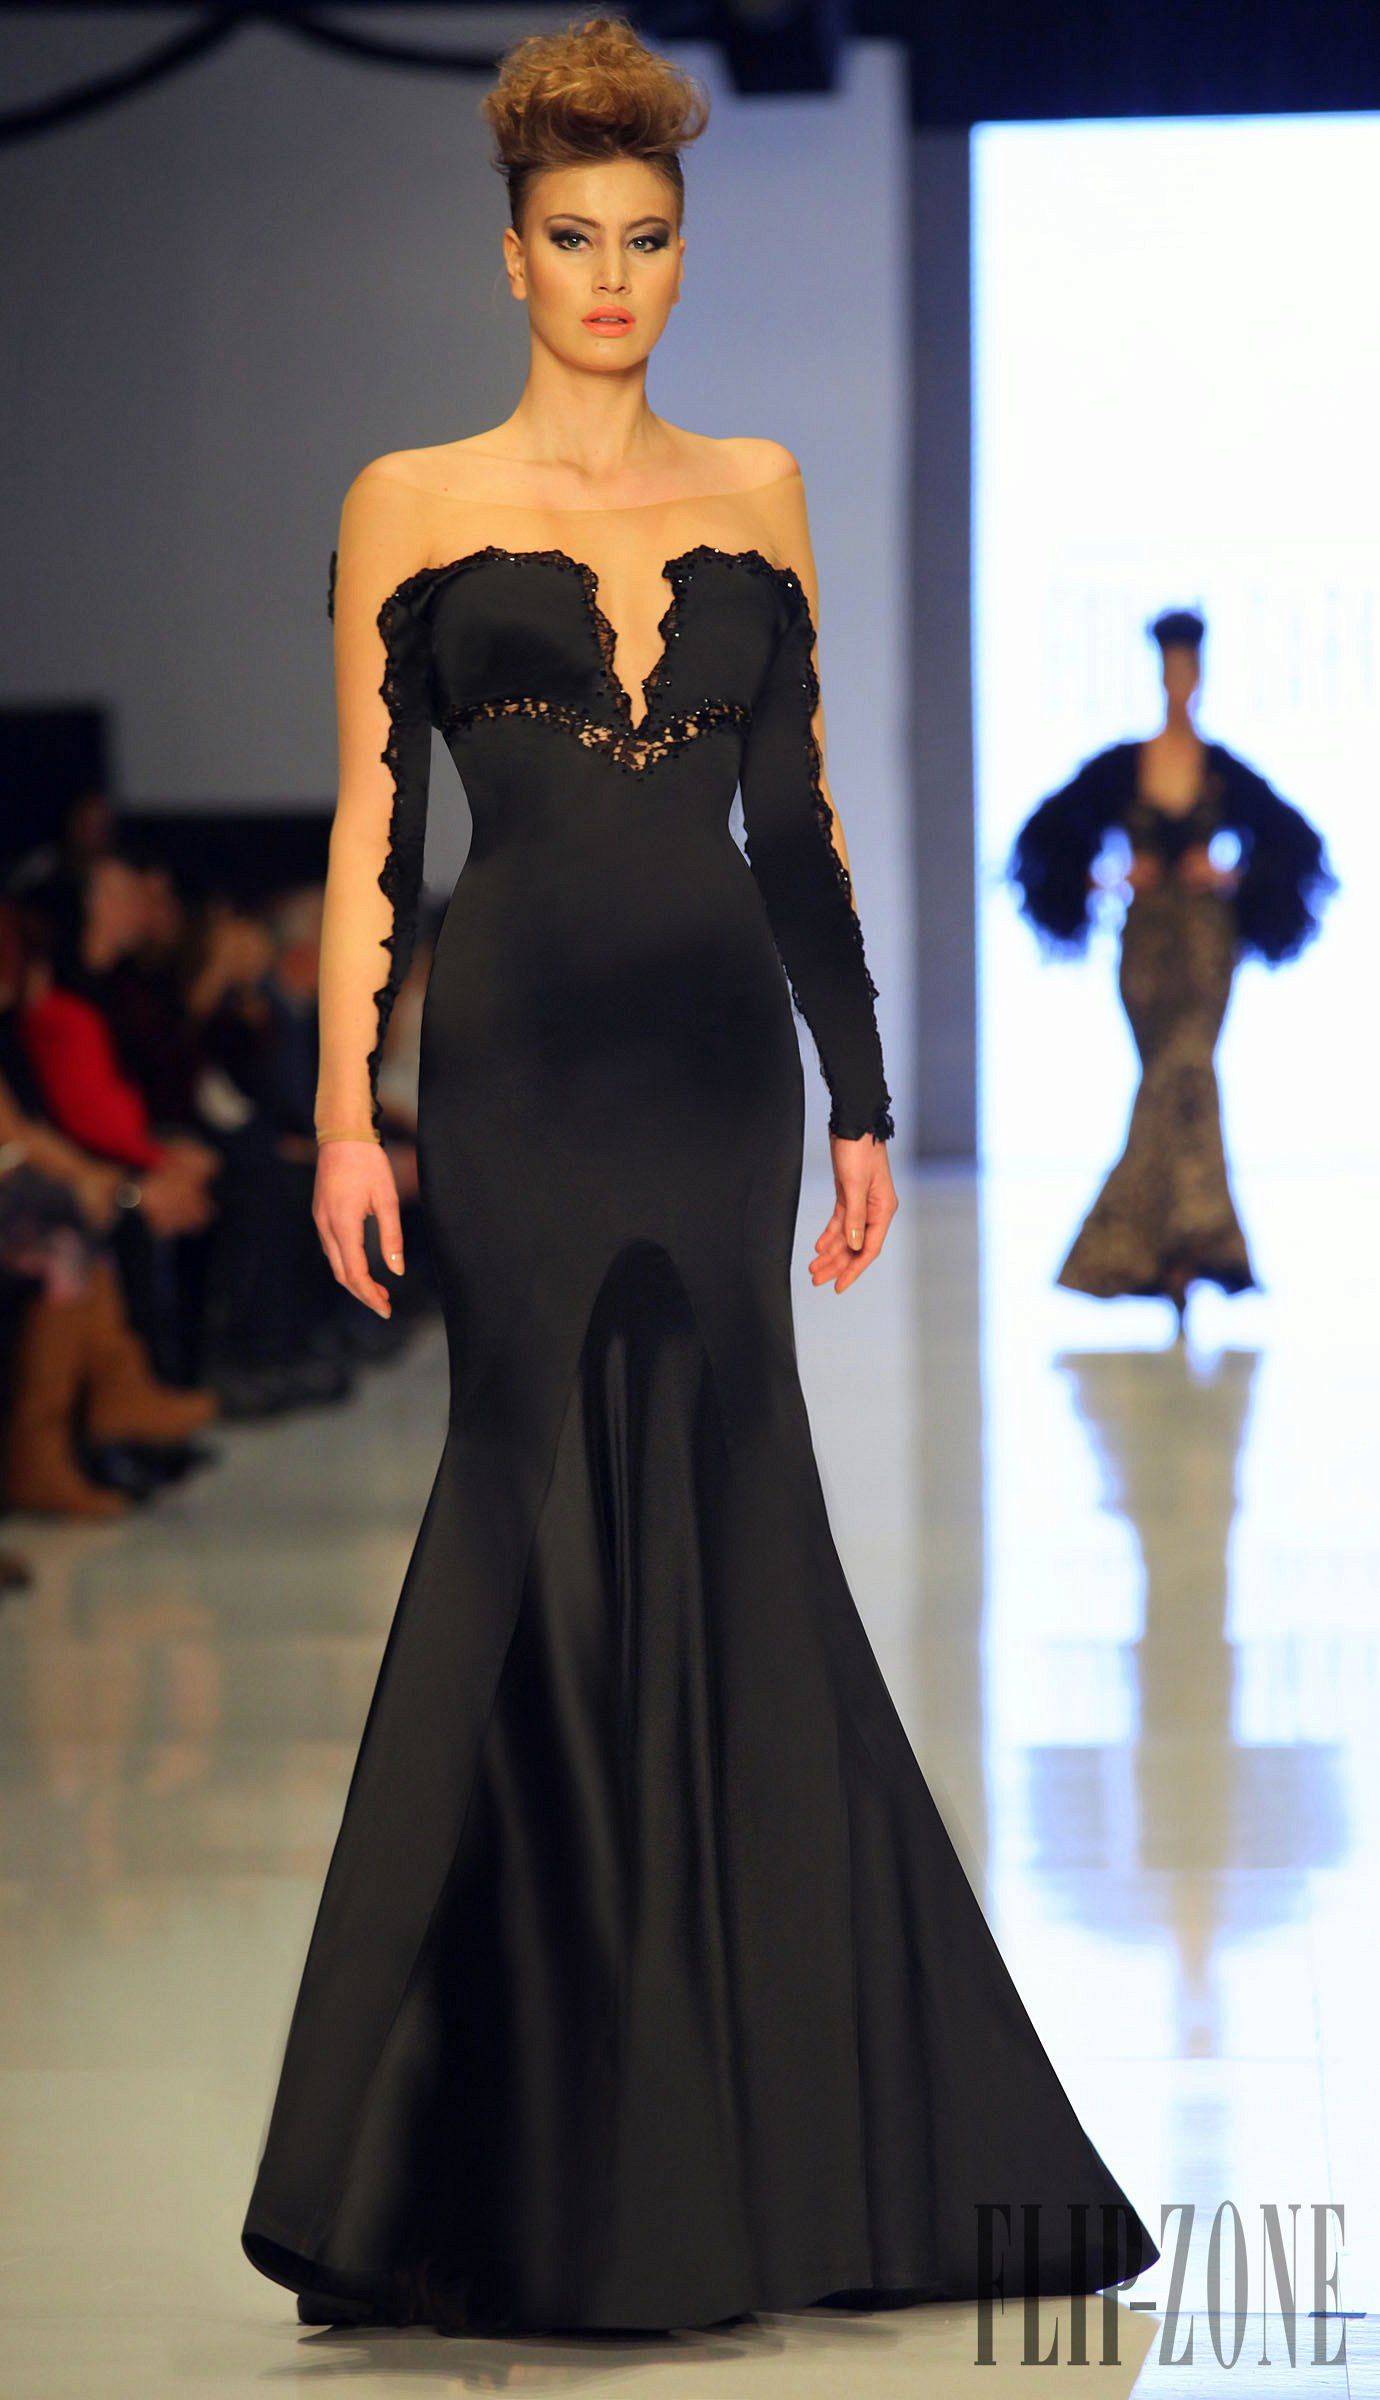 Fouad sarkis fashion fouad sarkis pinterest couture gowns